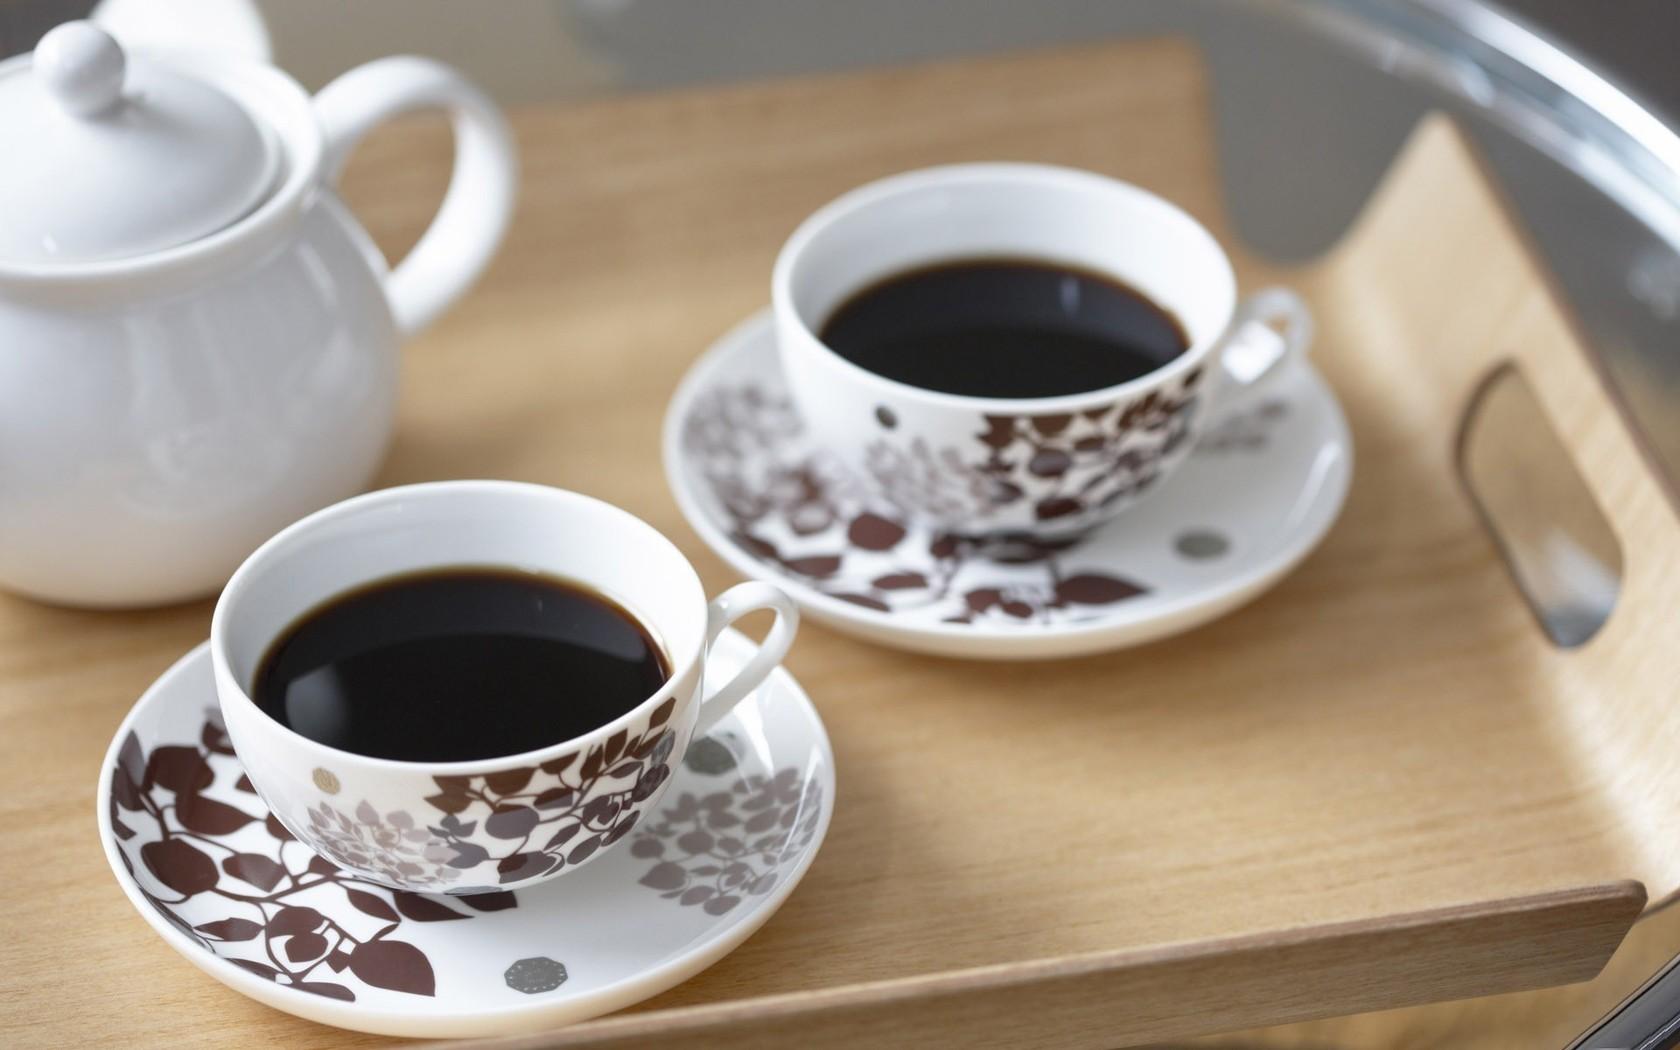 Две чашки кофе в день могут предотвратить развитие рака молочной железы